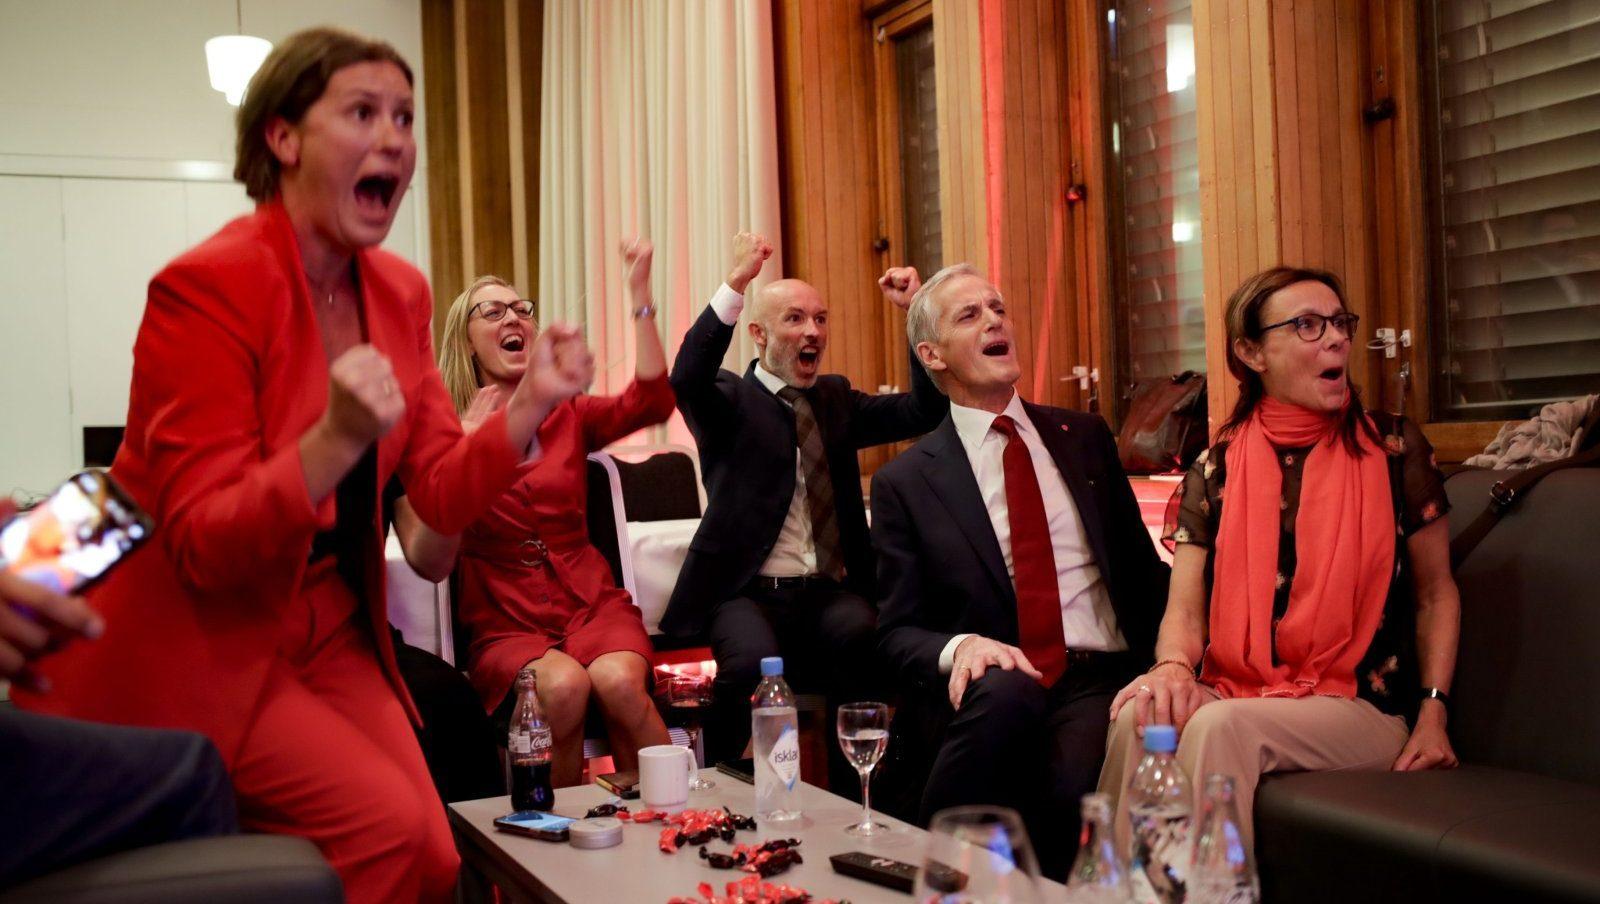 Норвегия после выборов повернула влево. На очереди Германия?